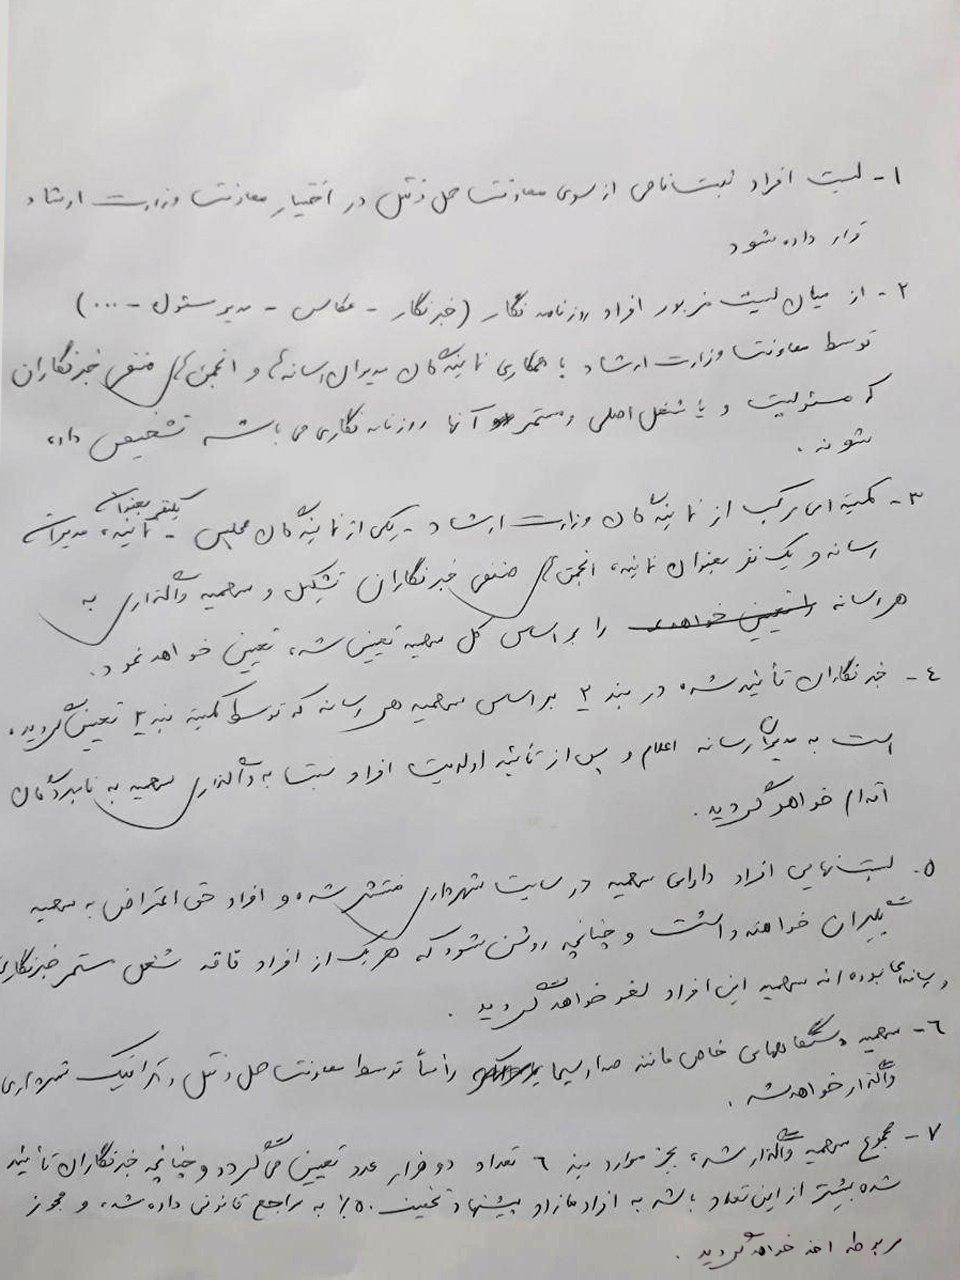 برجام نافرجام بین شهرداری و وزارت ارشاد درباره طرح ترافیک خبرنگاری + سند